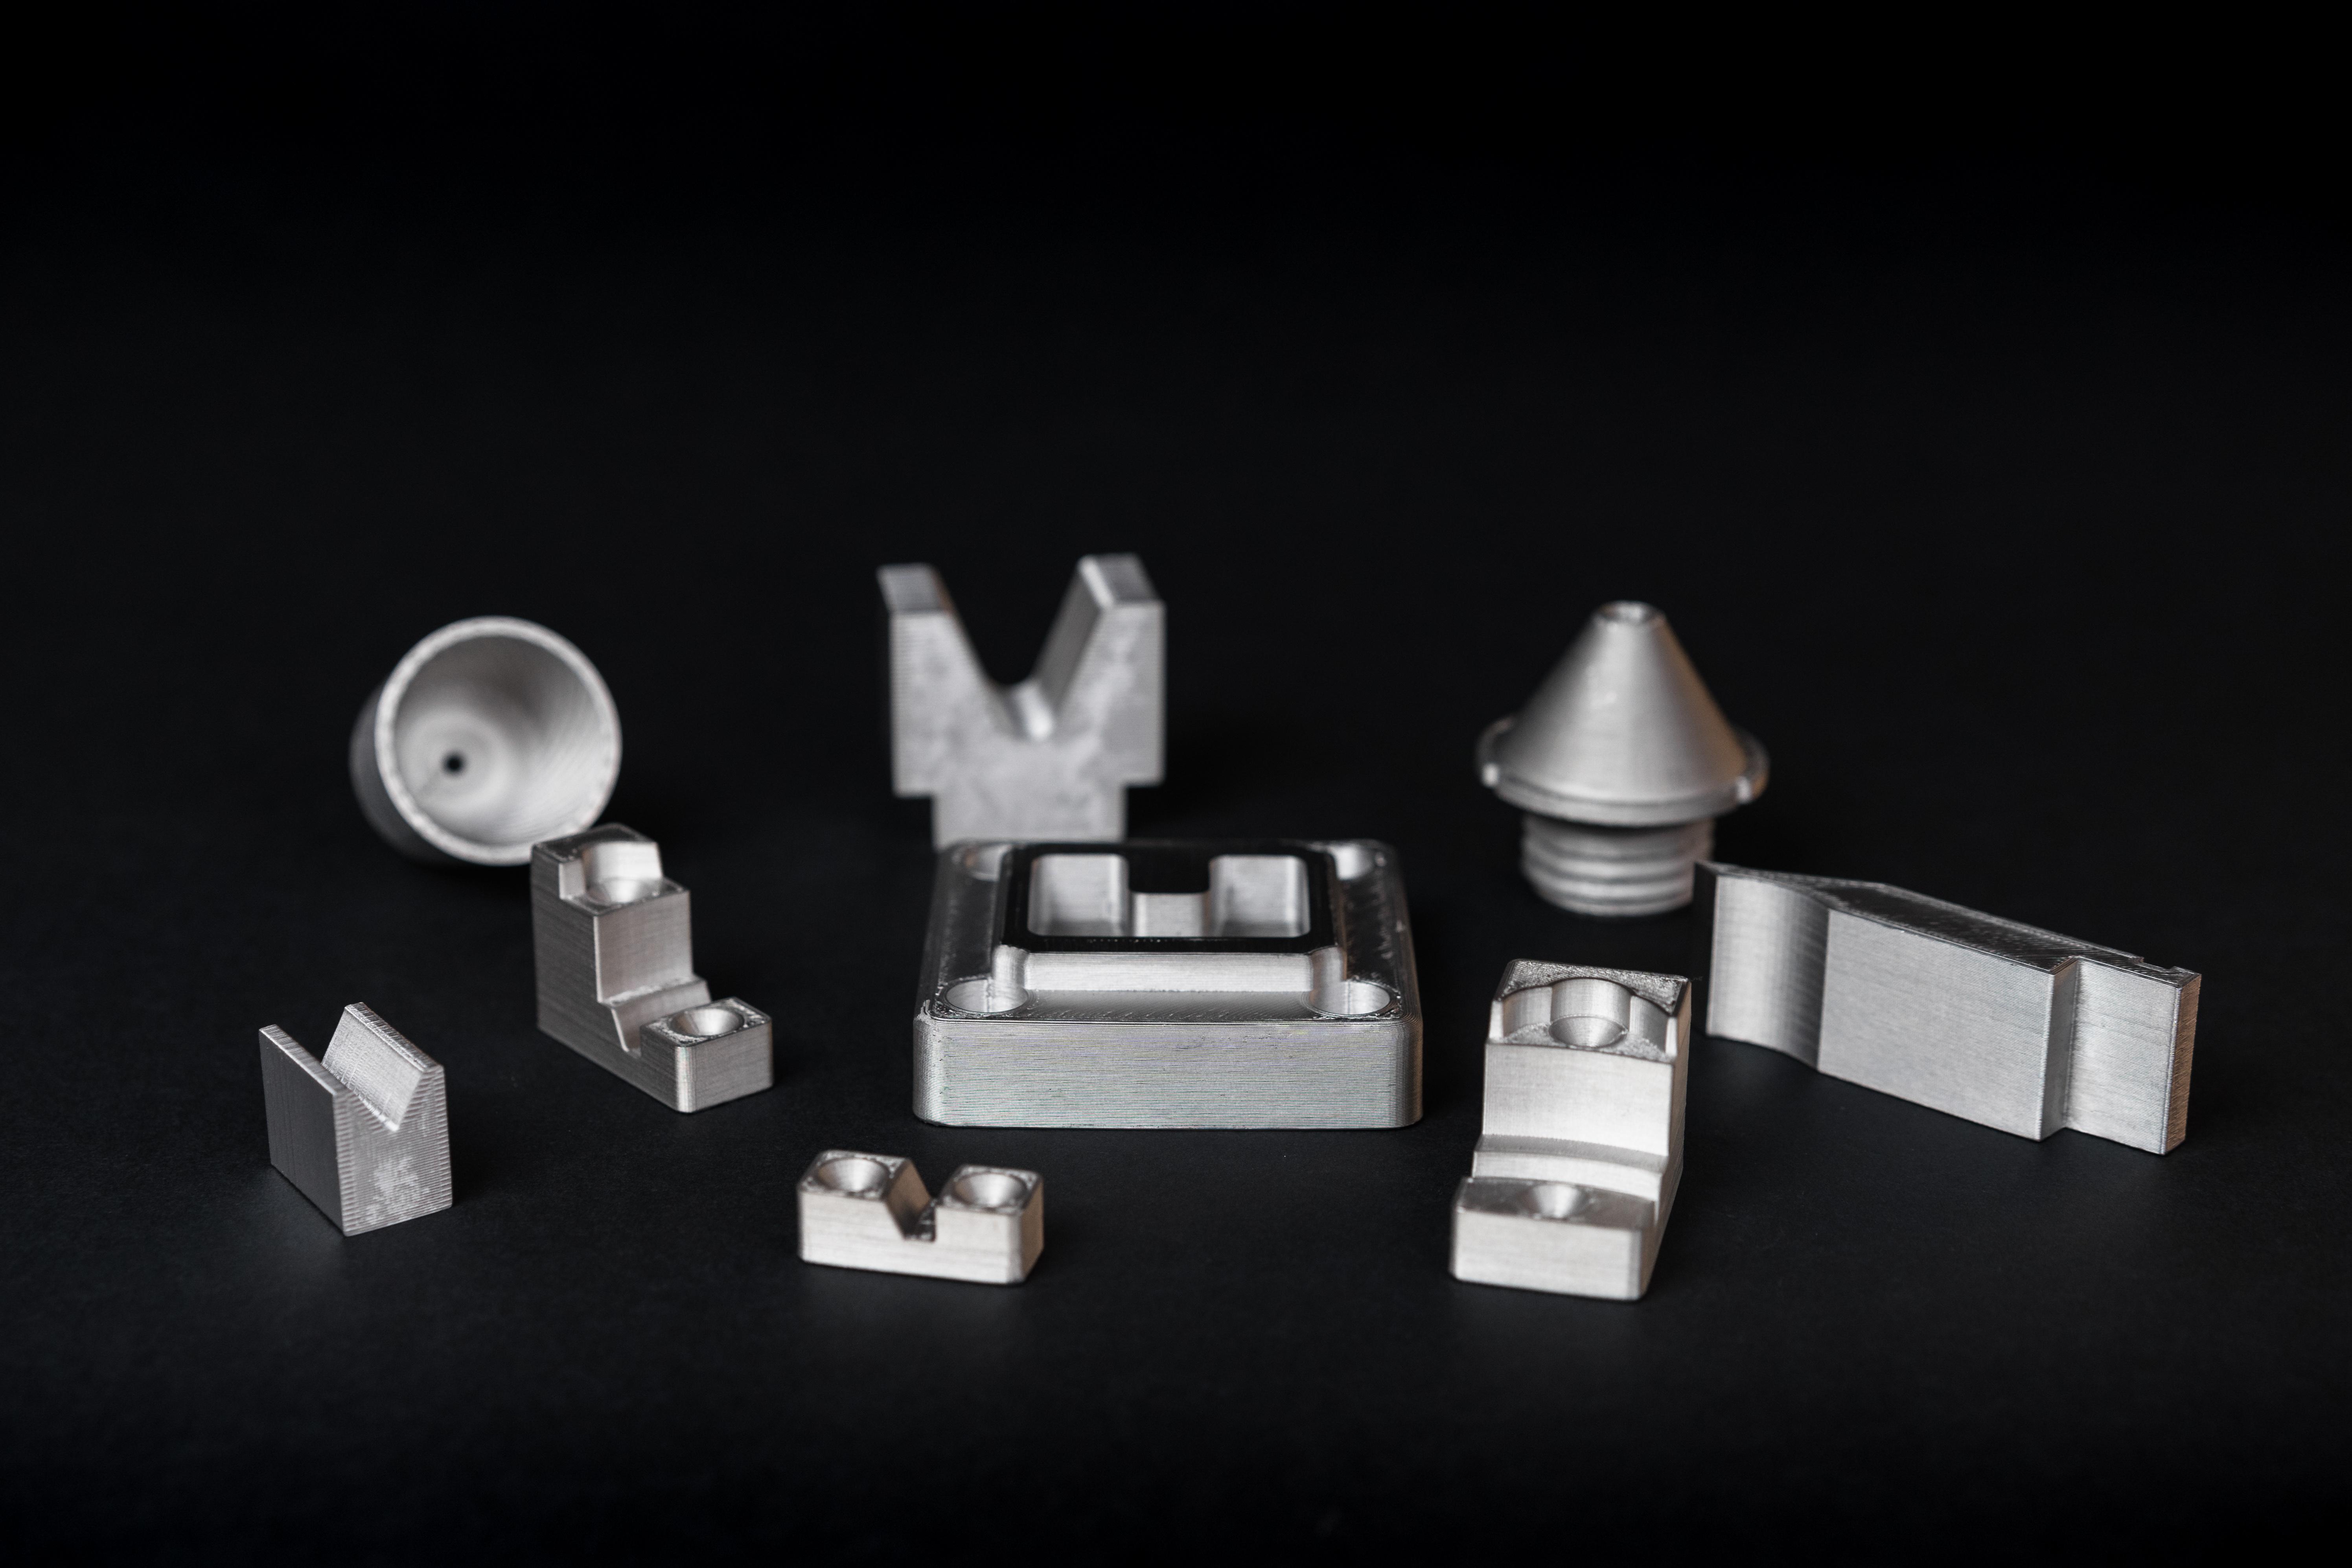 H13 tool steel metal 3D printed tools